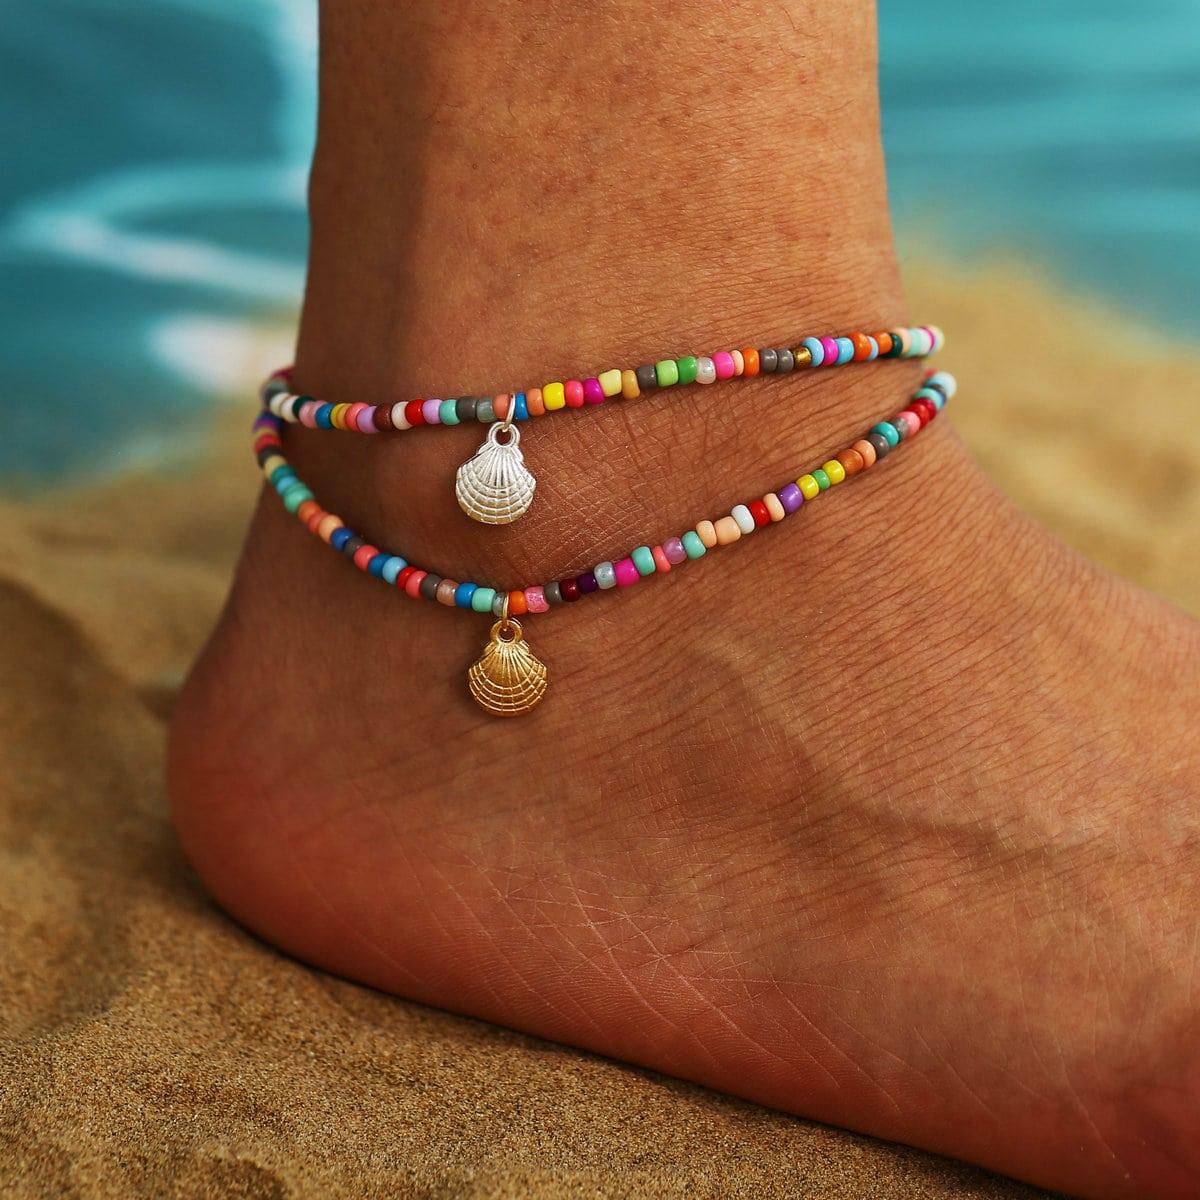 SHEIN / 2 Stücke Fußkette mit Muschel Dekor